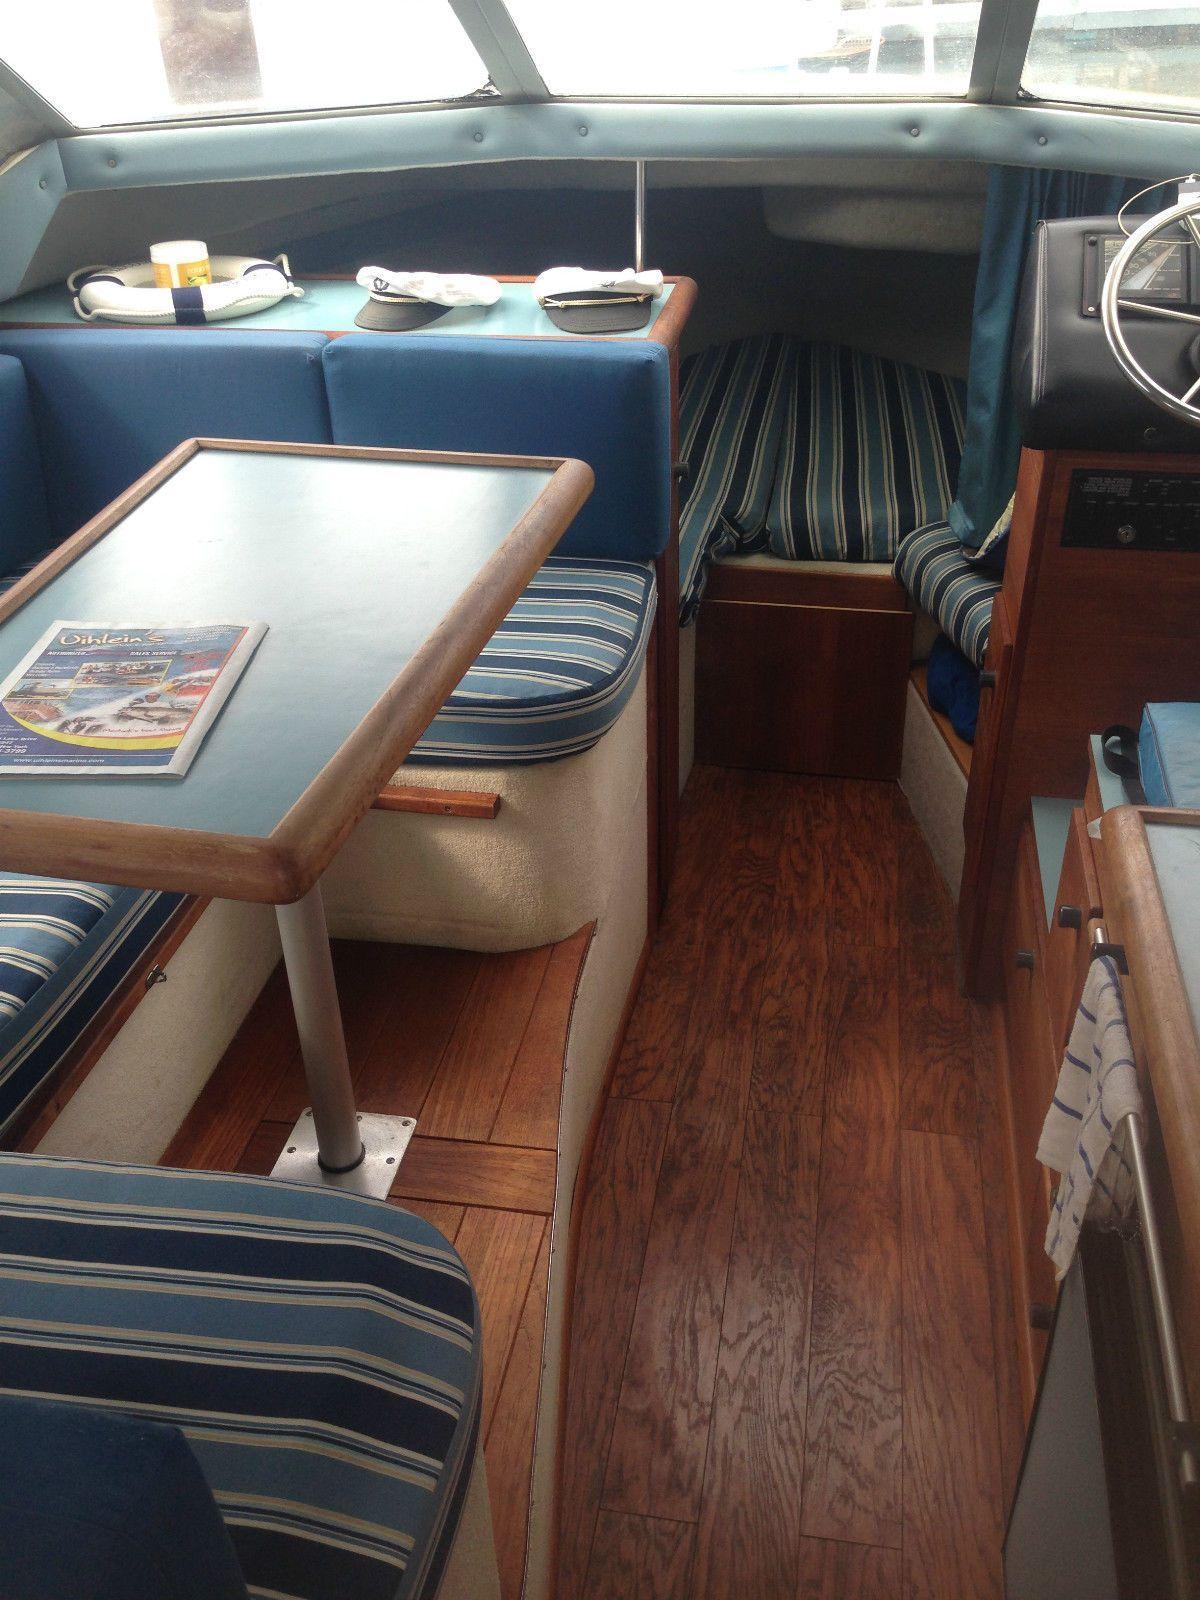 Bayliner 2556 1988 For Sale For 6 000 Build Your Own Boat Boat Plans Boat Building